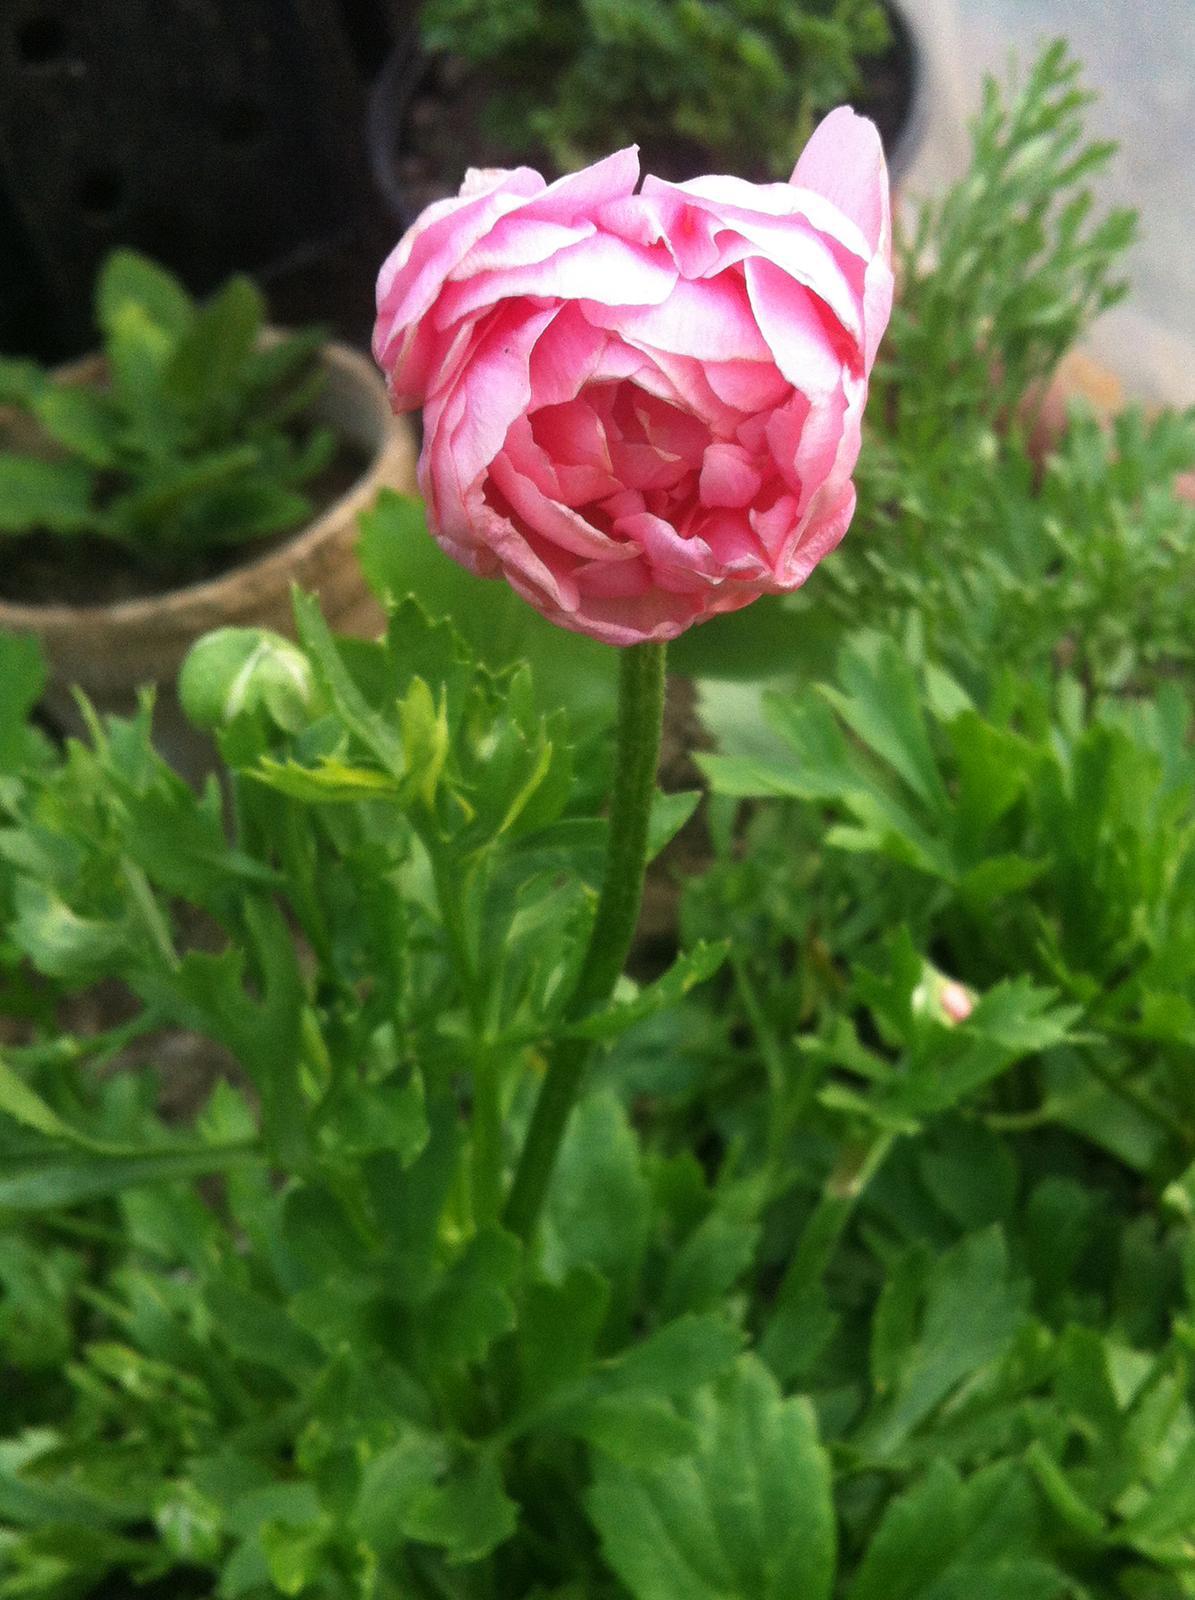 Vo víre kvetov... - Damy a pani - prvý ranunculus - akurát že vôbec nevyzerá ako tie z obrázkov :D